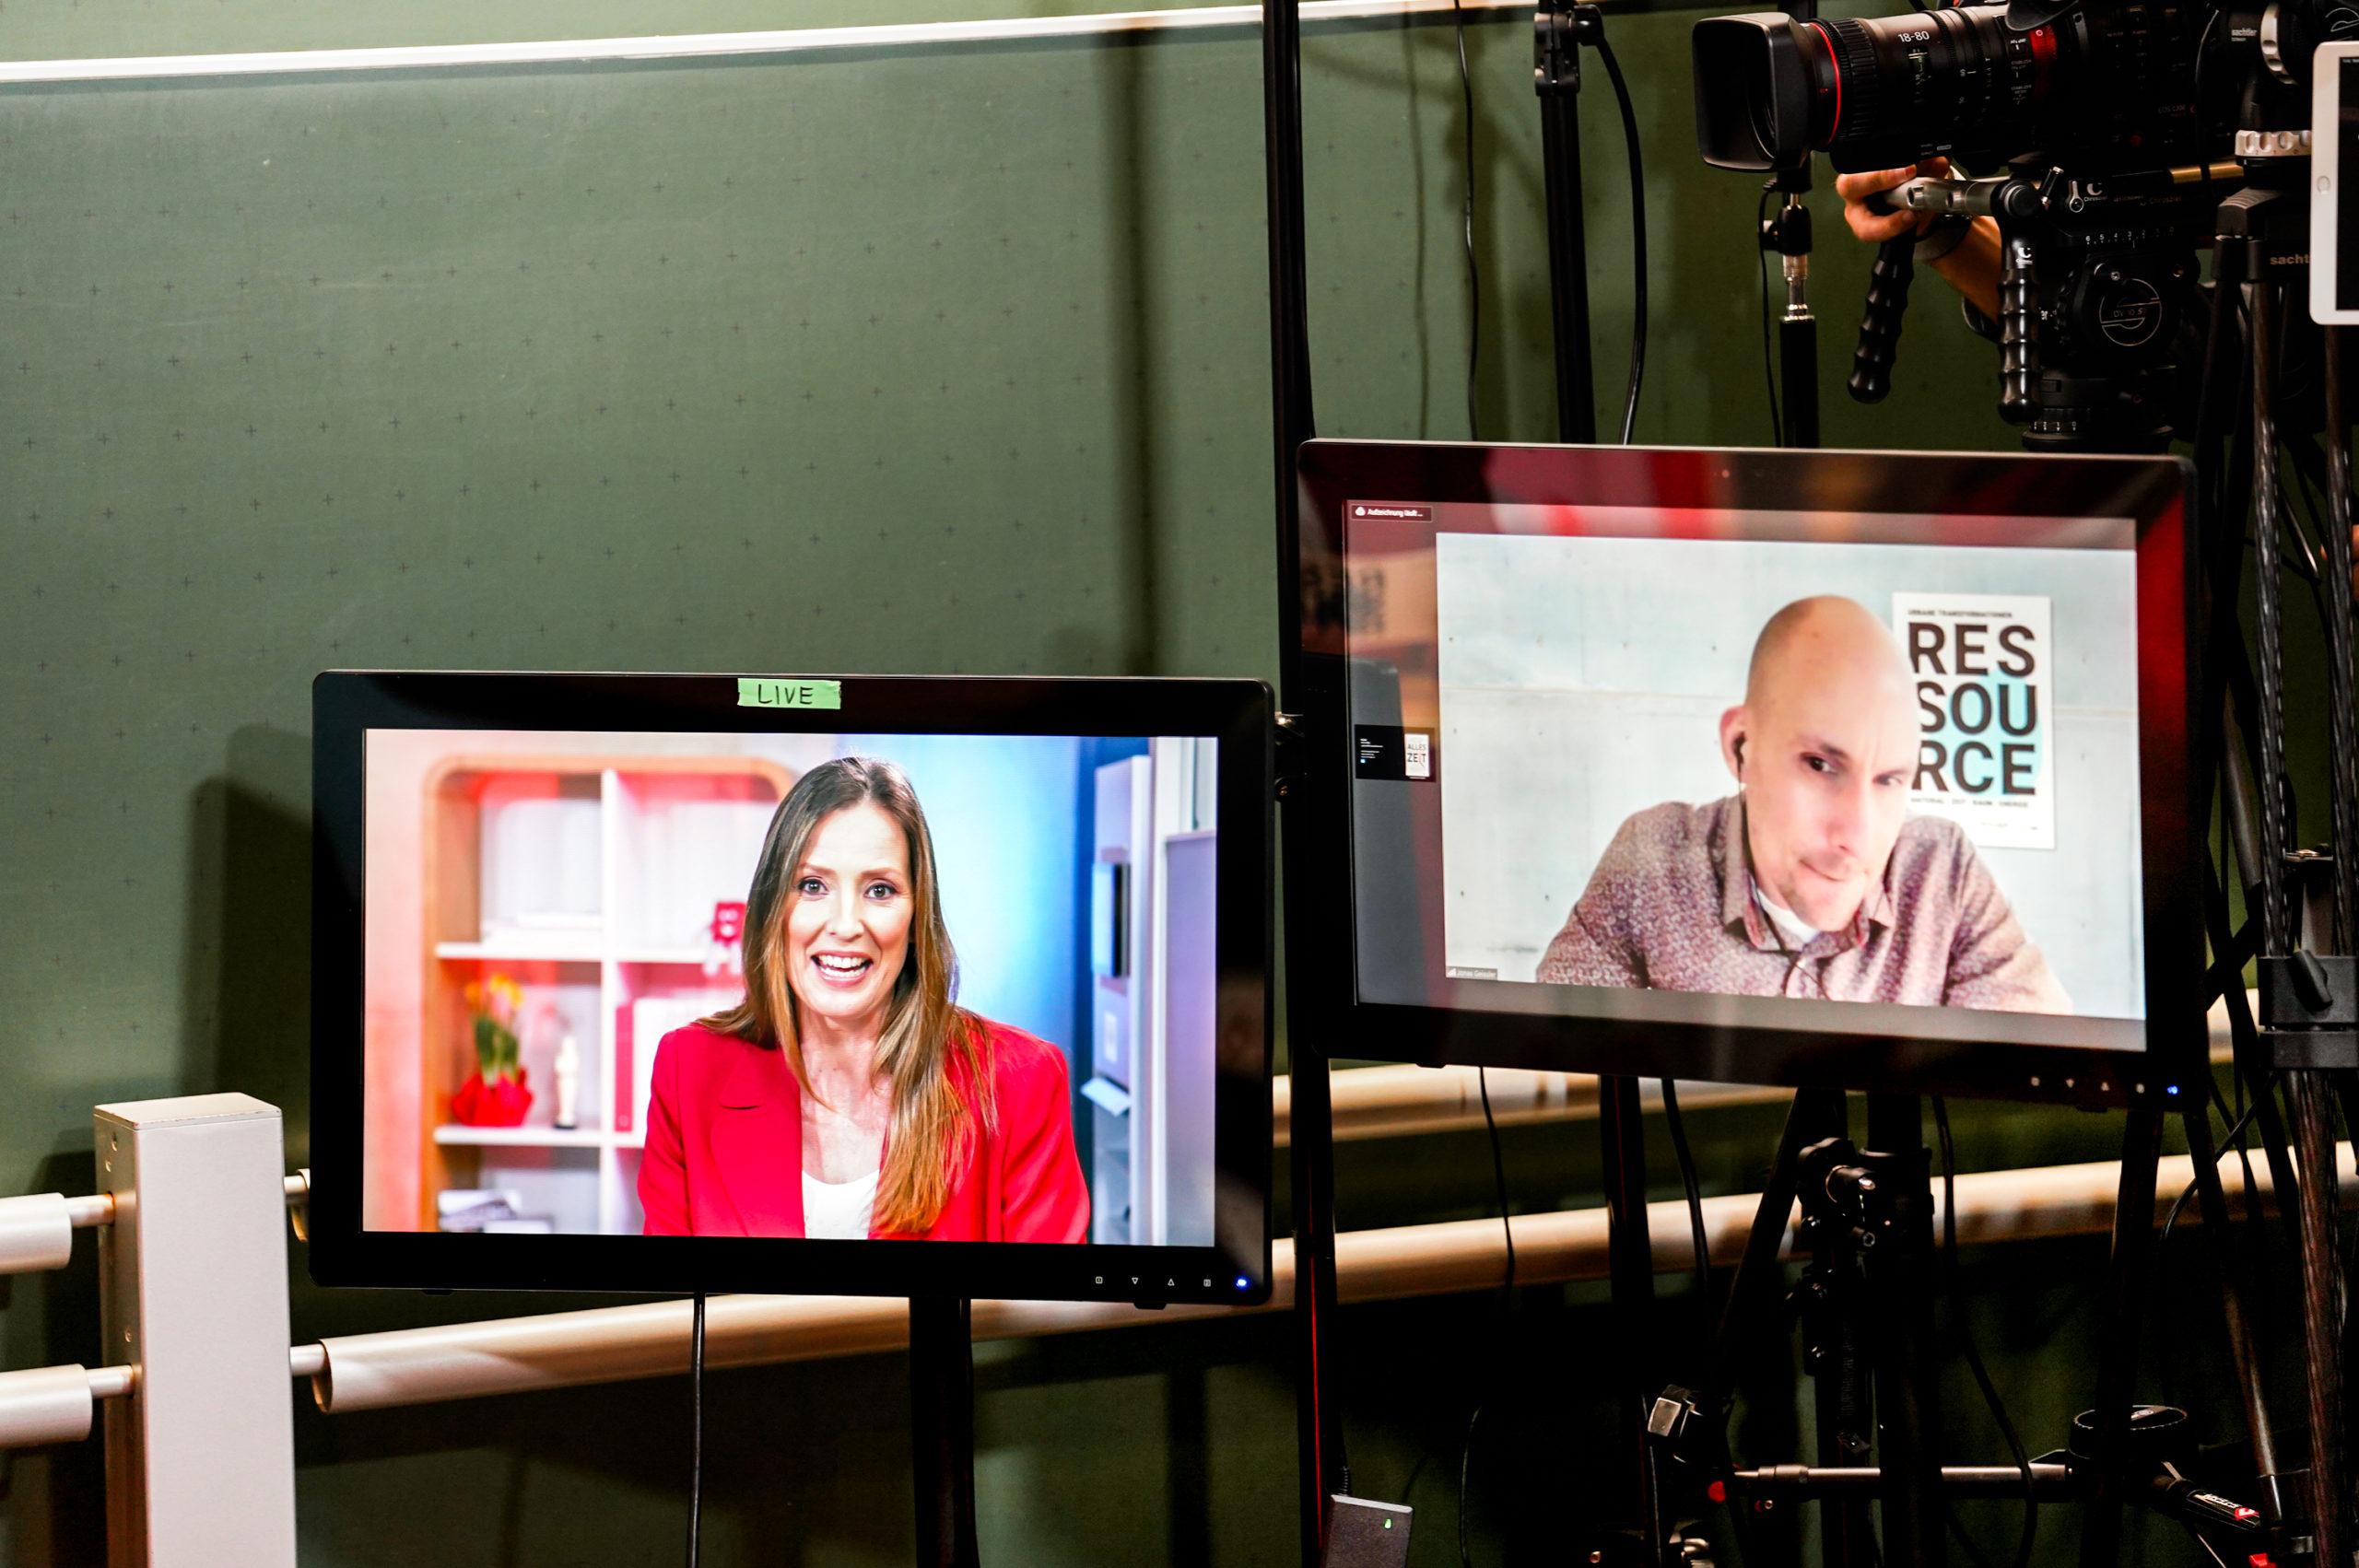 zwei Monitore stehen nebeneinander mit Moderatorin und Speaker